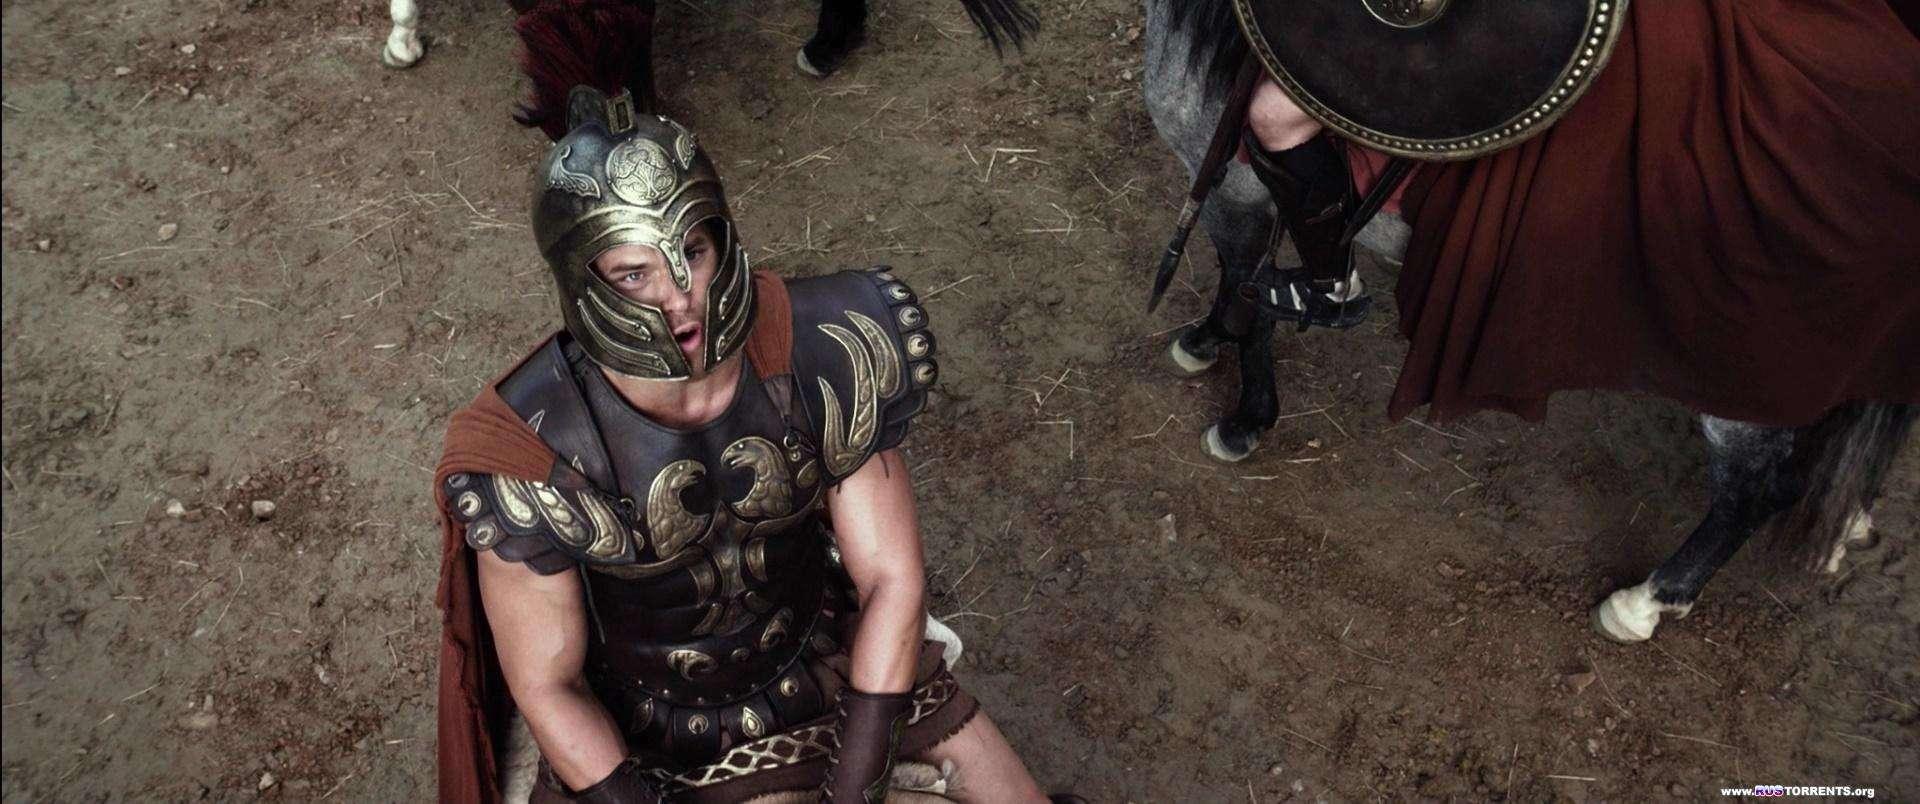 Геракл: Начало легенды | BDRip 1080p | Лицензия